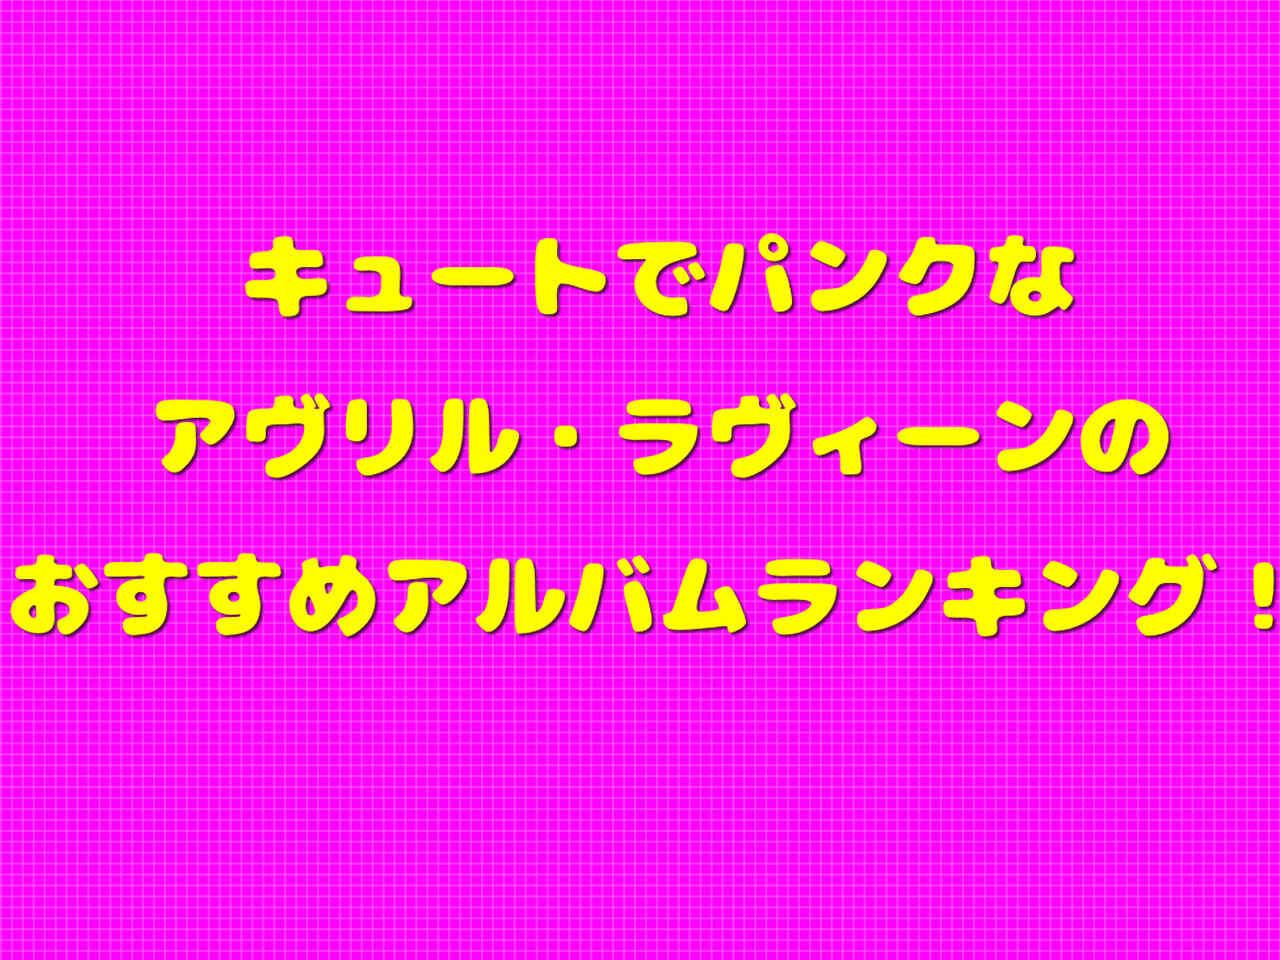 キュートでパンクなアヴリル・ラヴィーンのおすすめアルバムランキング!